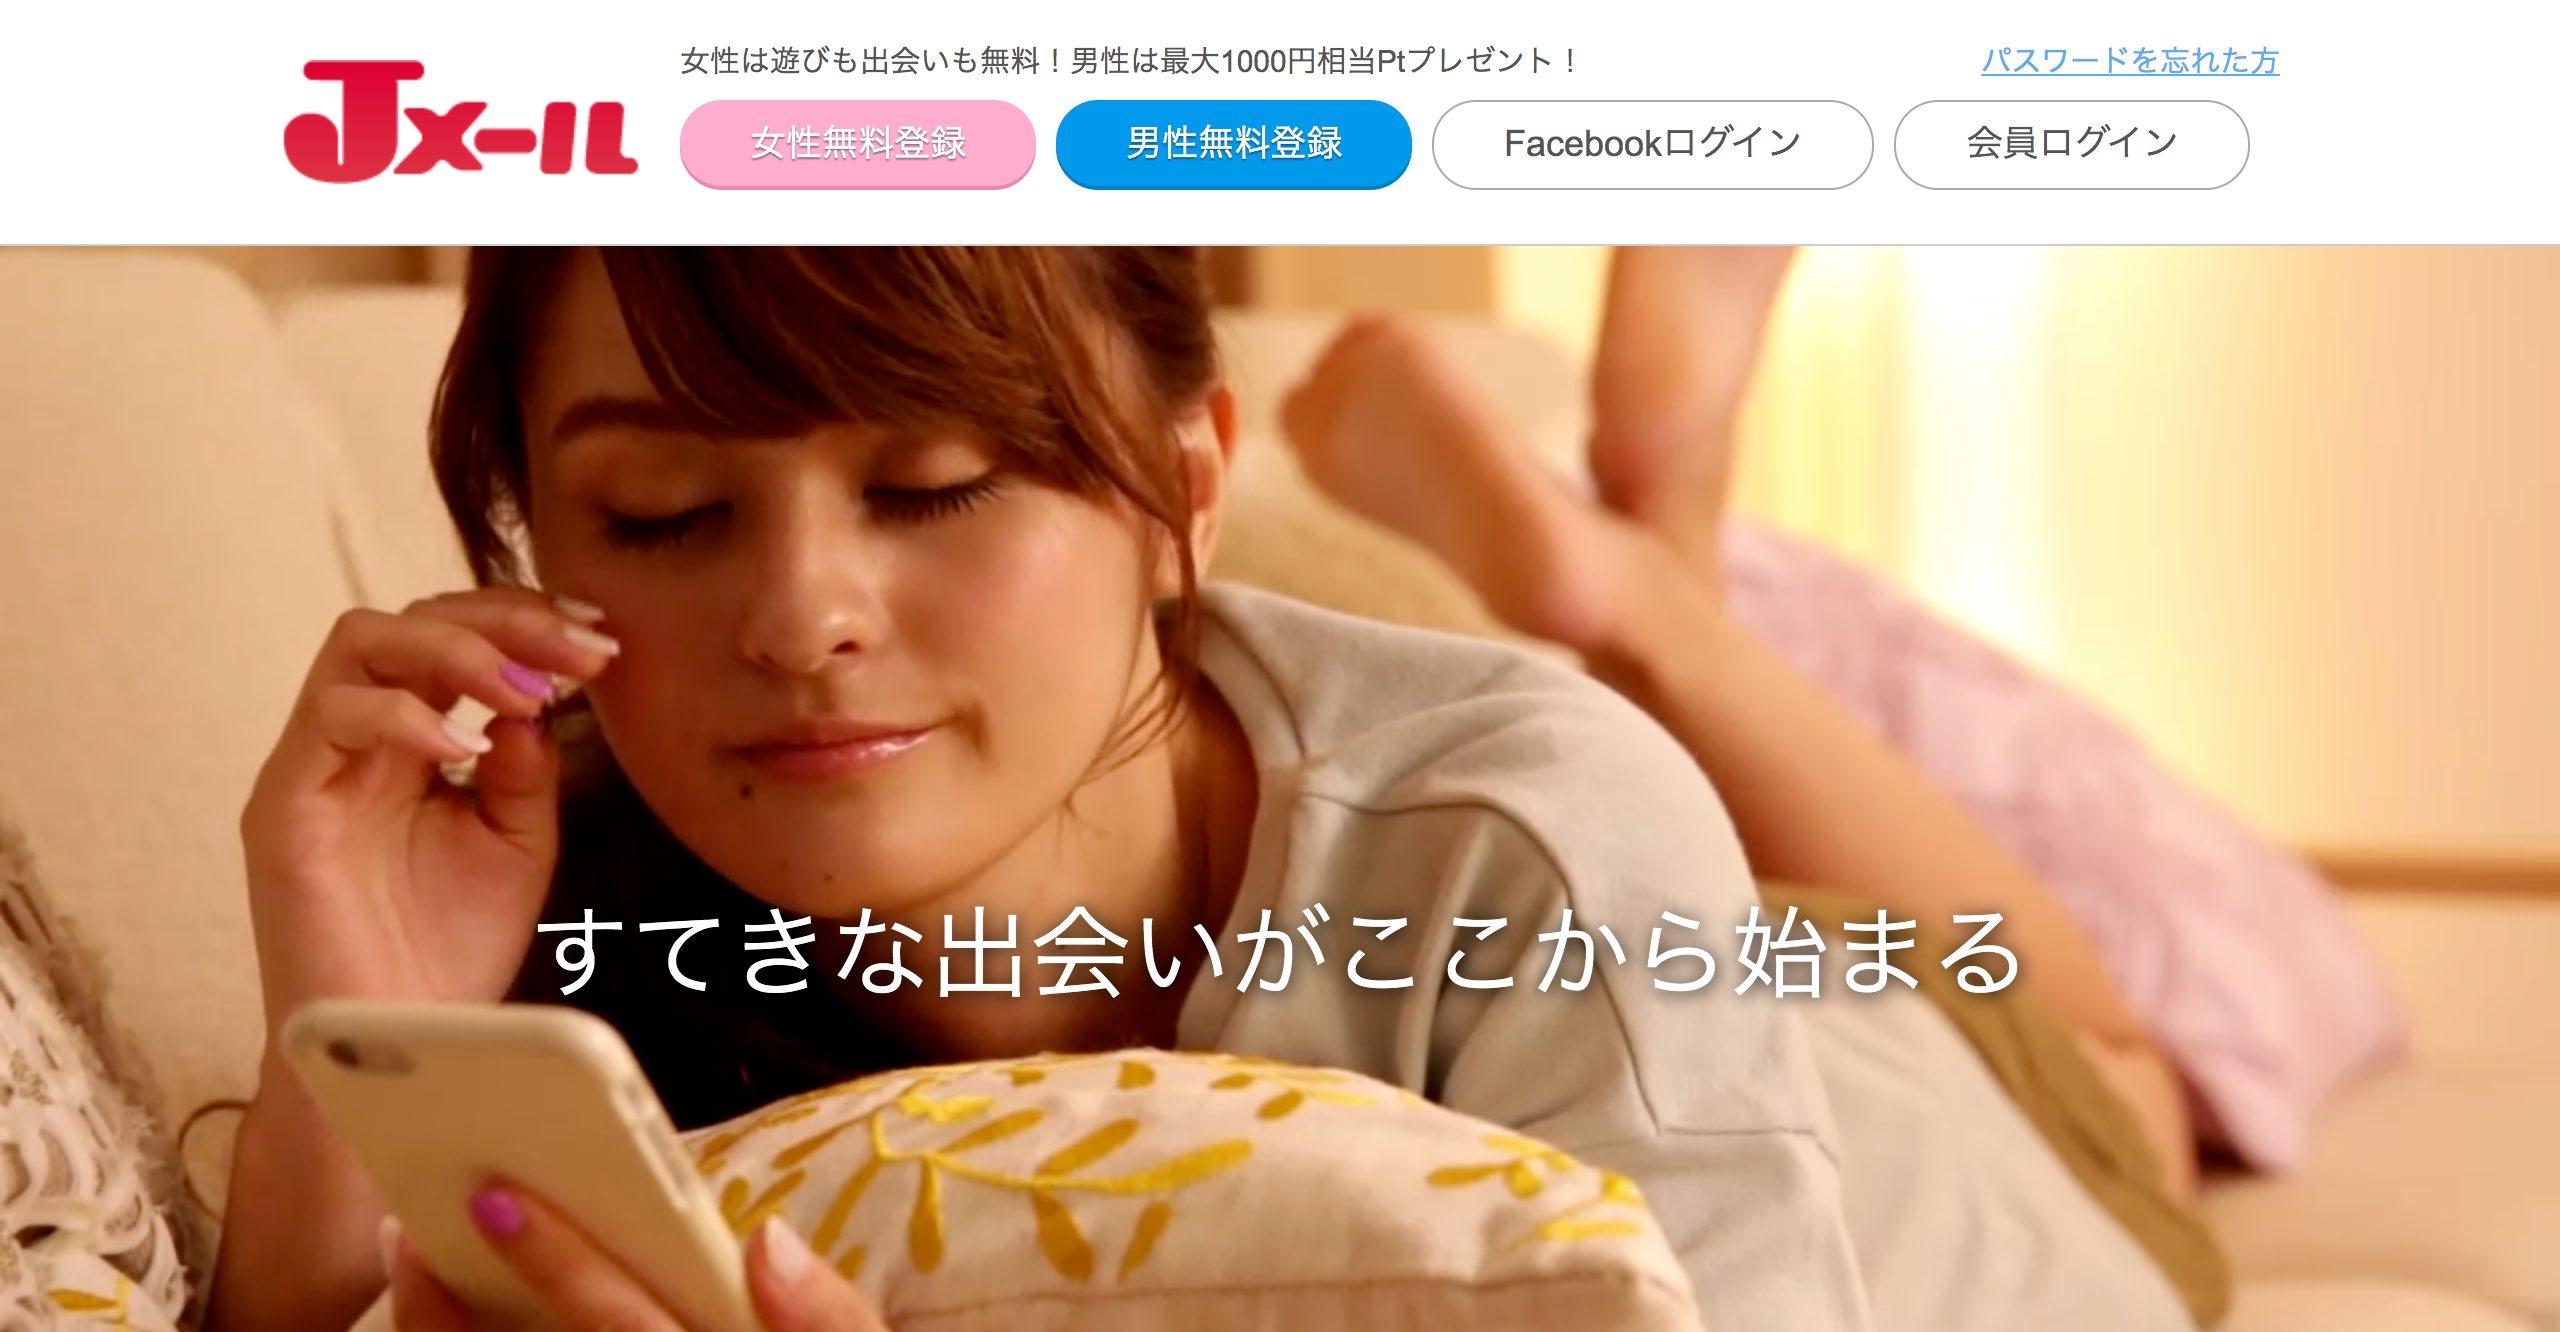 ミントC!Jメールのトップ画像